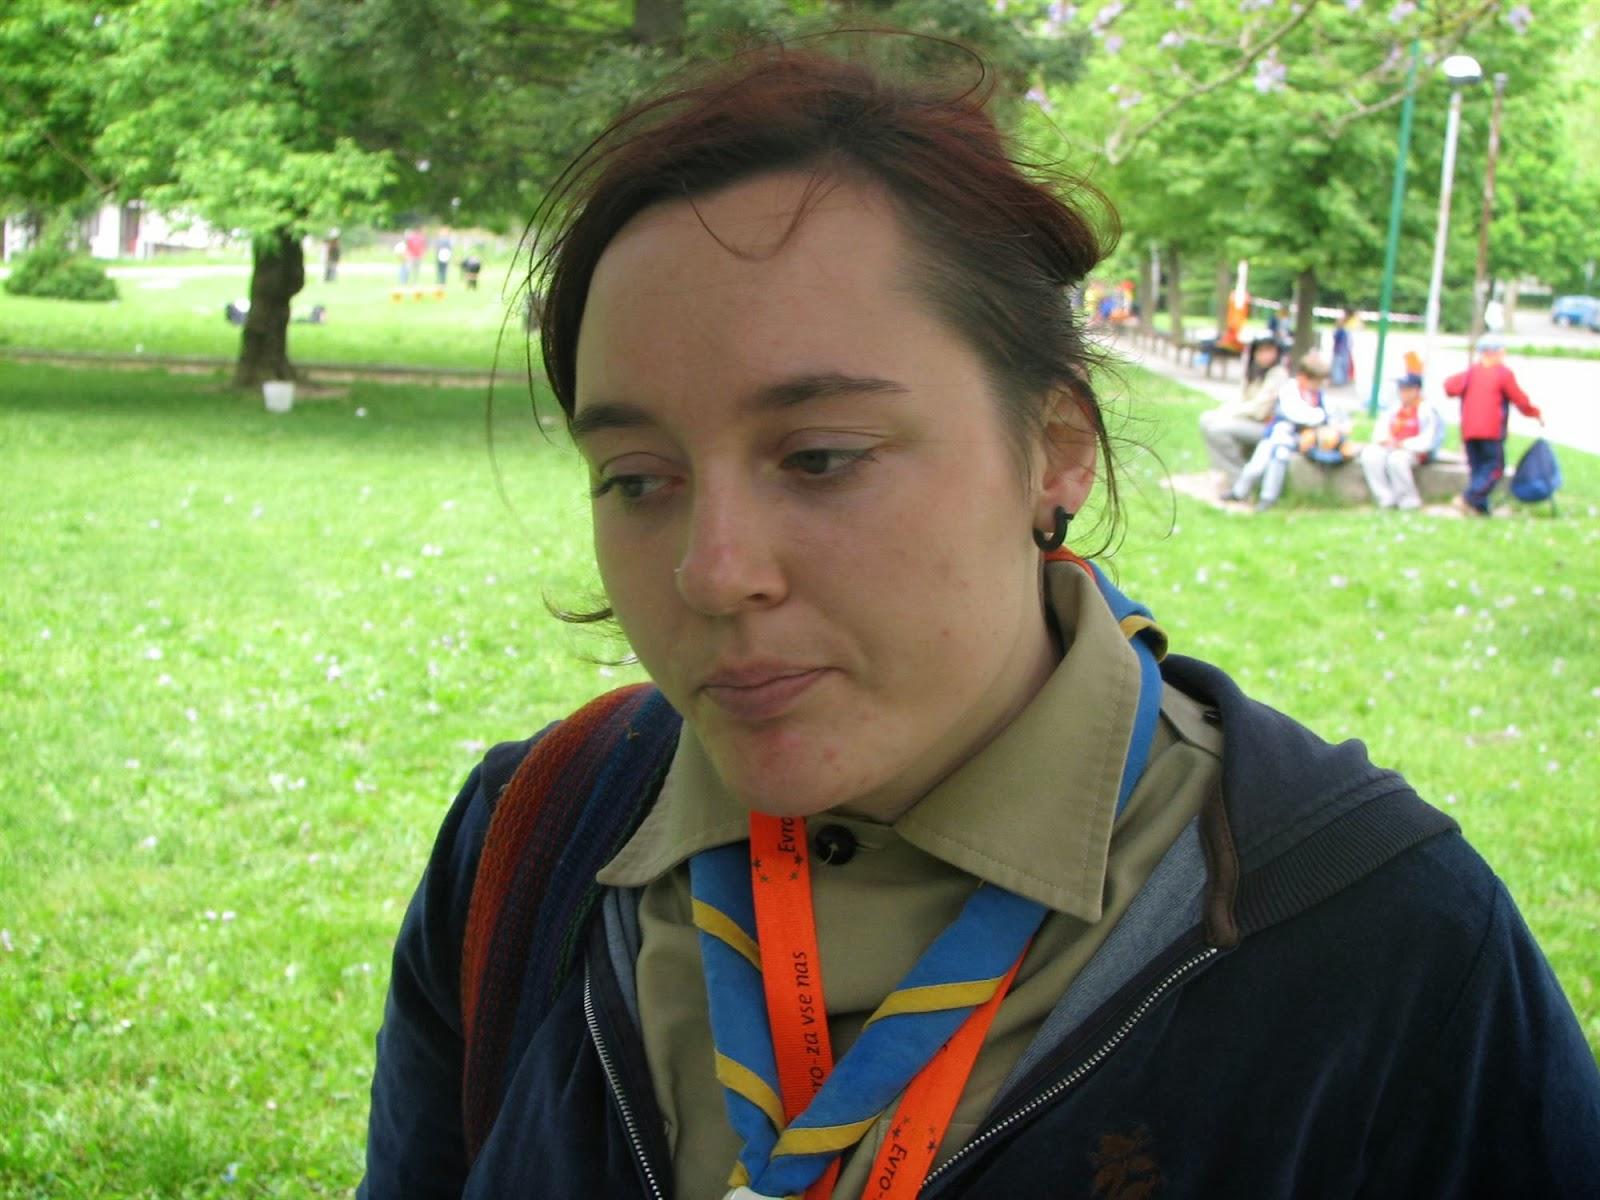 Področni mnogoboj MČ, Ilirska Bistrica 2006 - pics%2B070.jpg